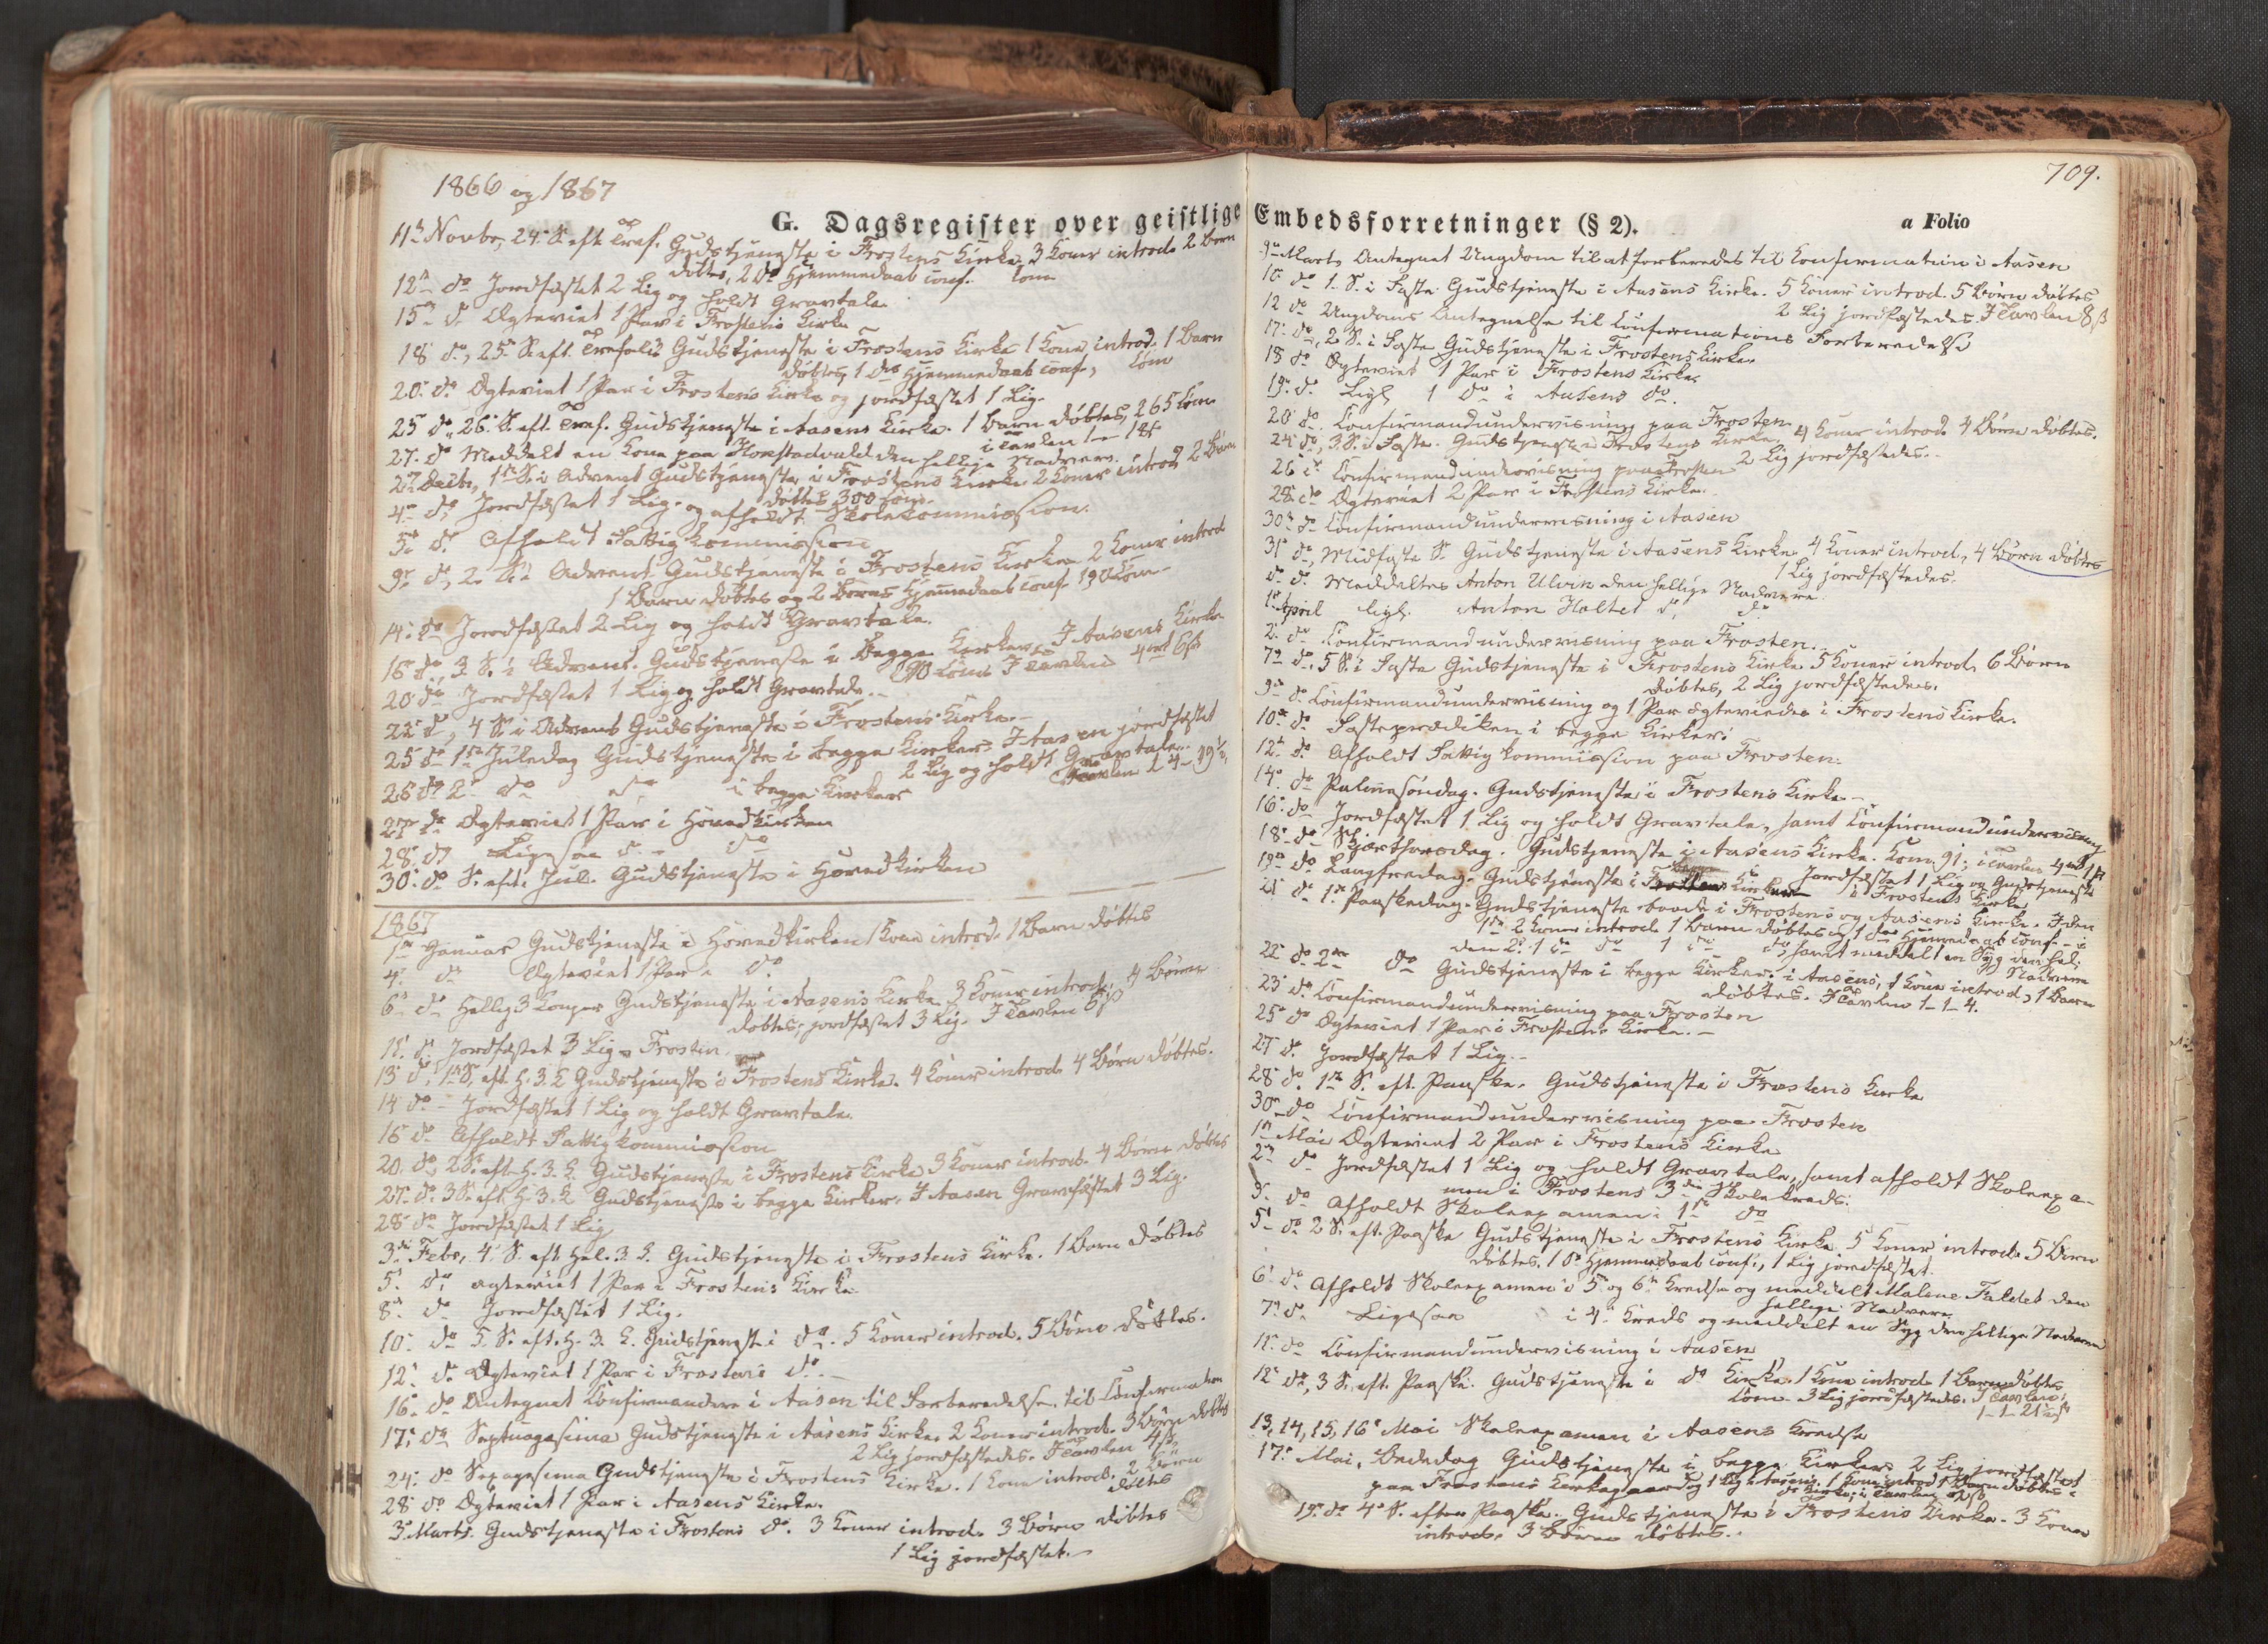 SAT, Ministerialprotokoller, klokkerbøker og fødselsregistre - Nord-Trøndelag, 713/L0116: Ministerialbok nr. 713A07, 1850-1877, s. 709